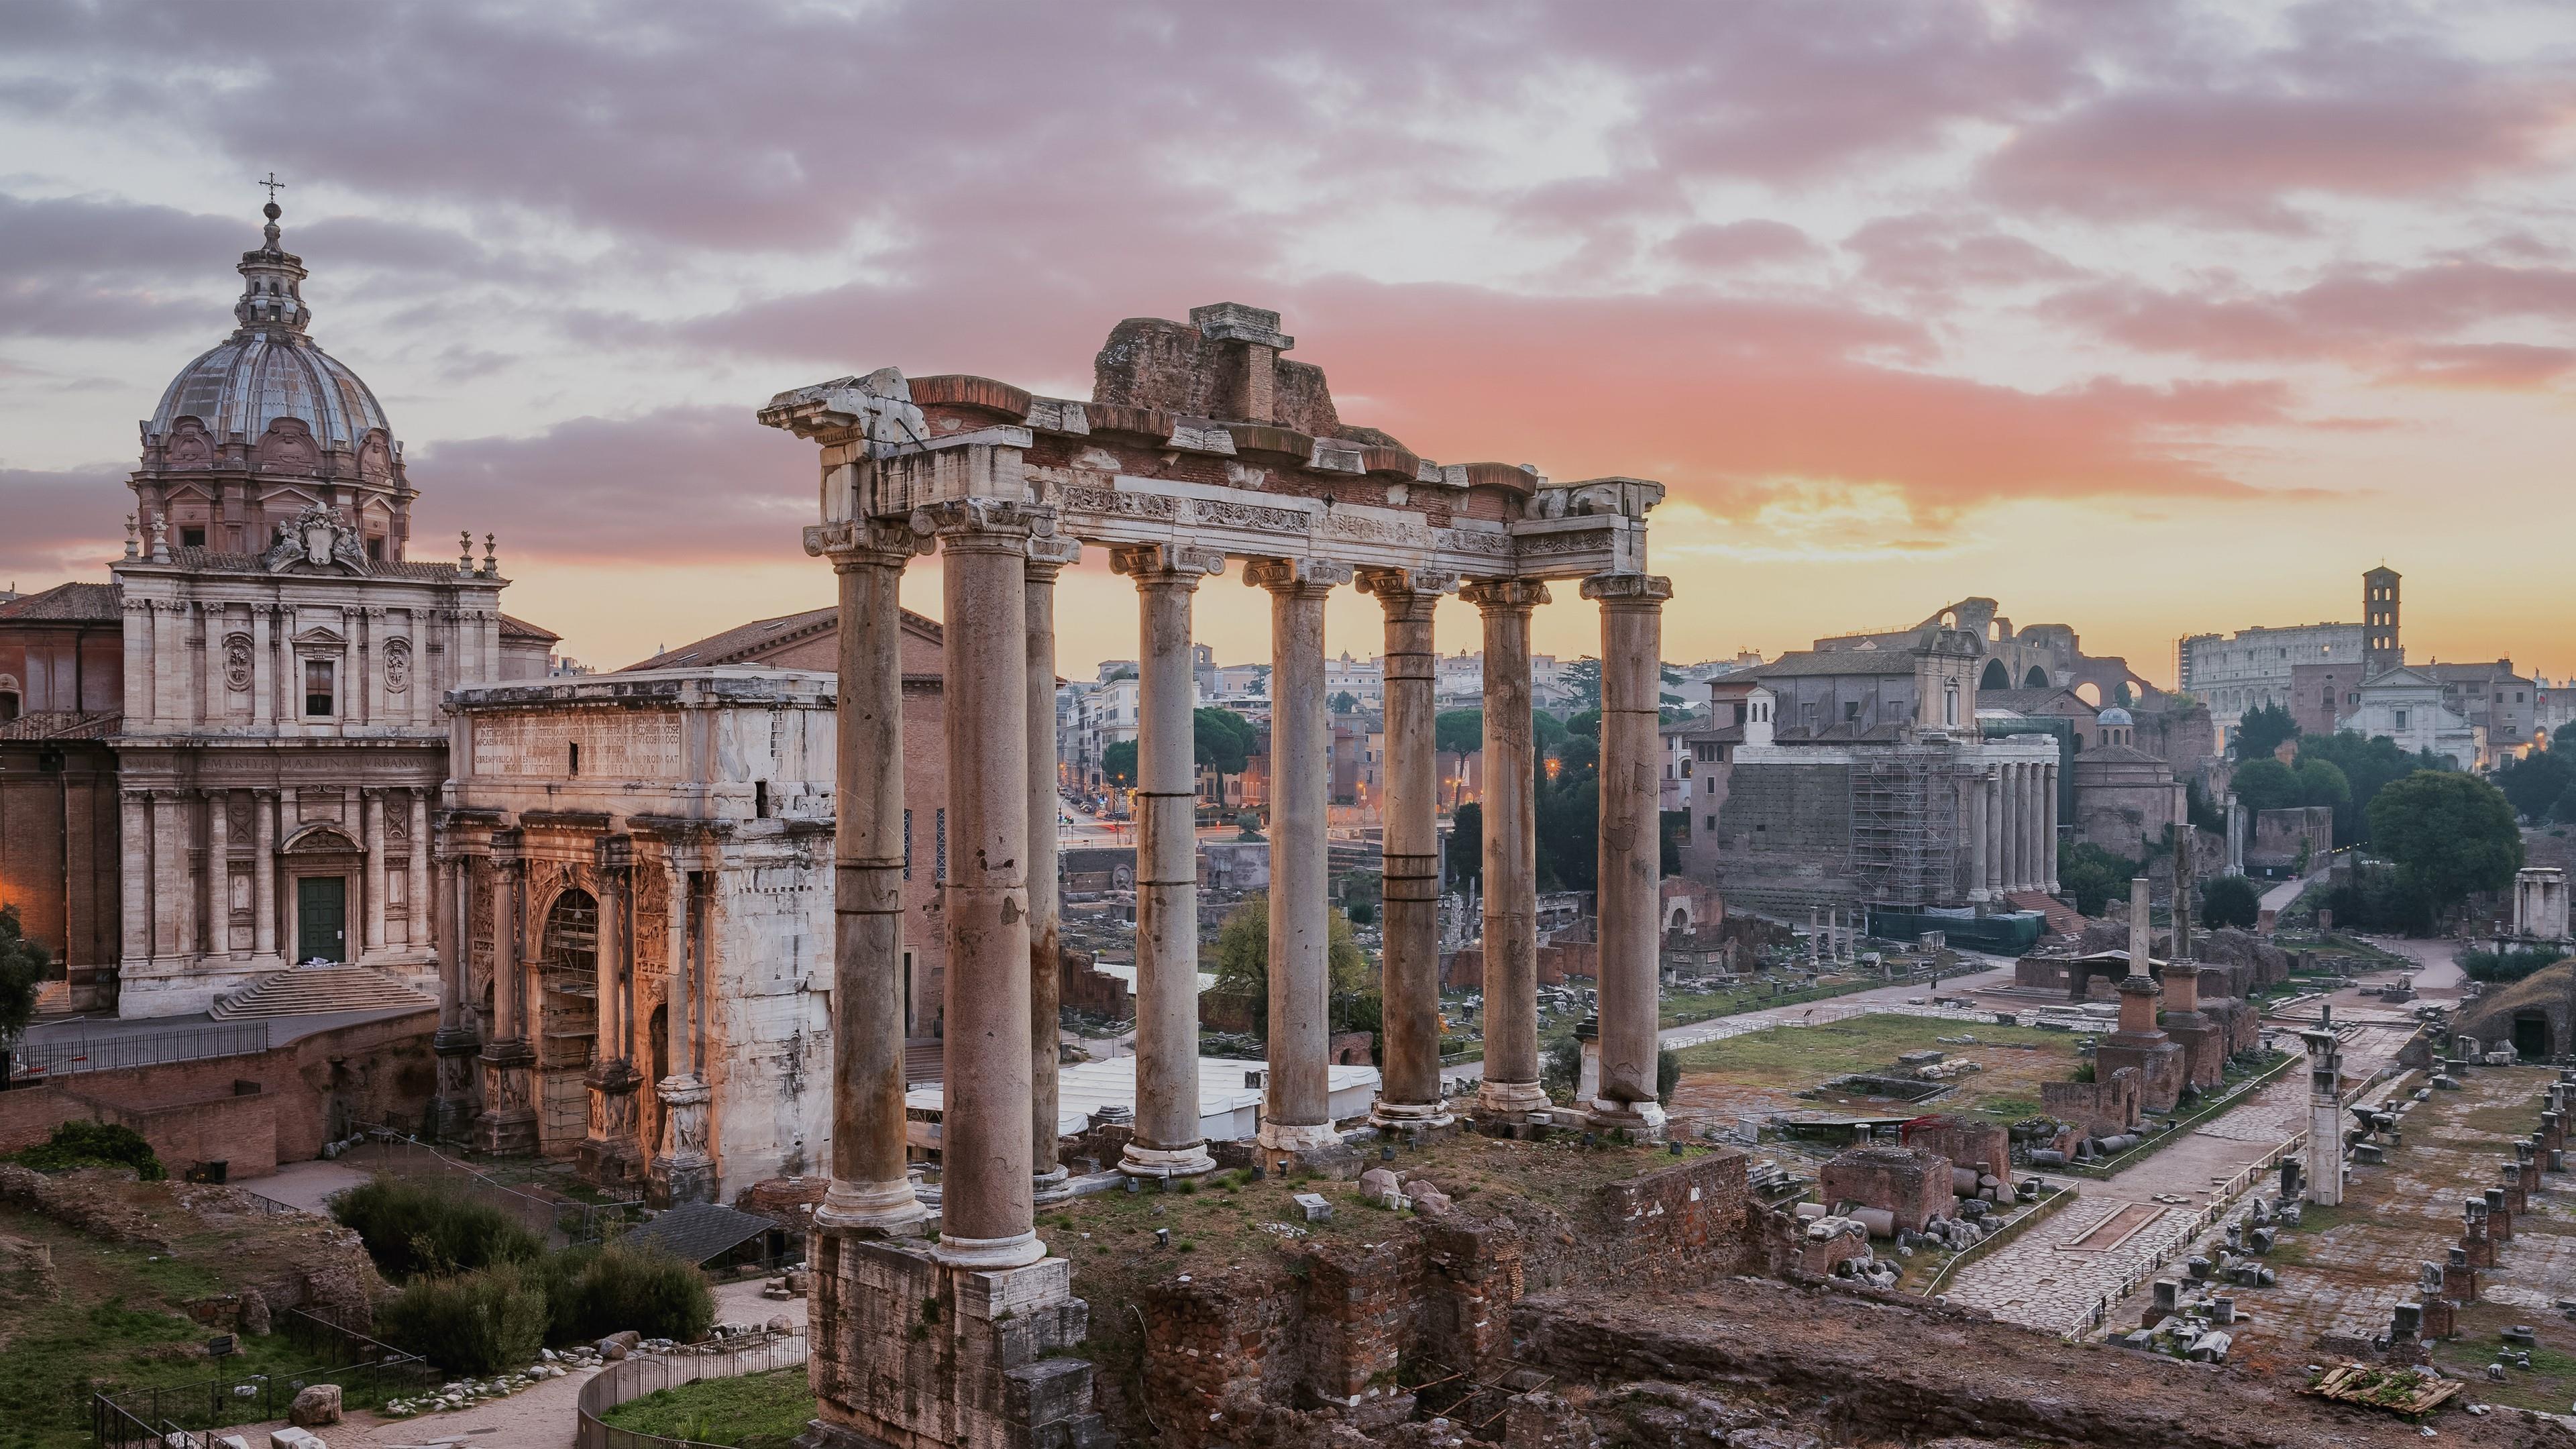 Roman Forum (Forum Romanum) in Rome, Italy wallpaper